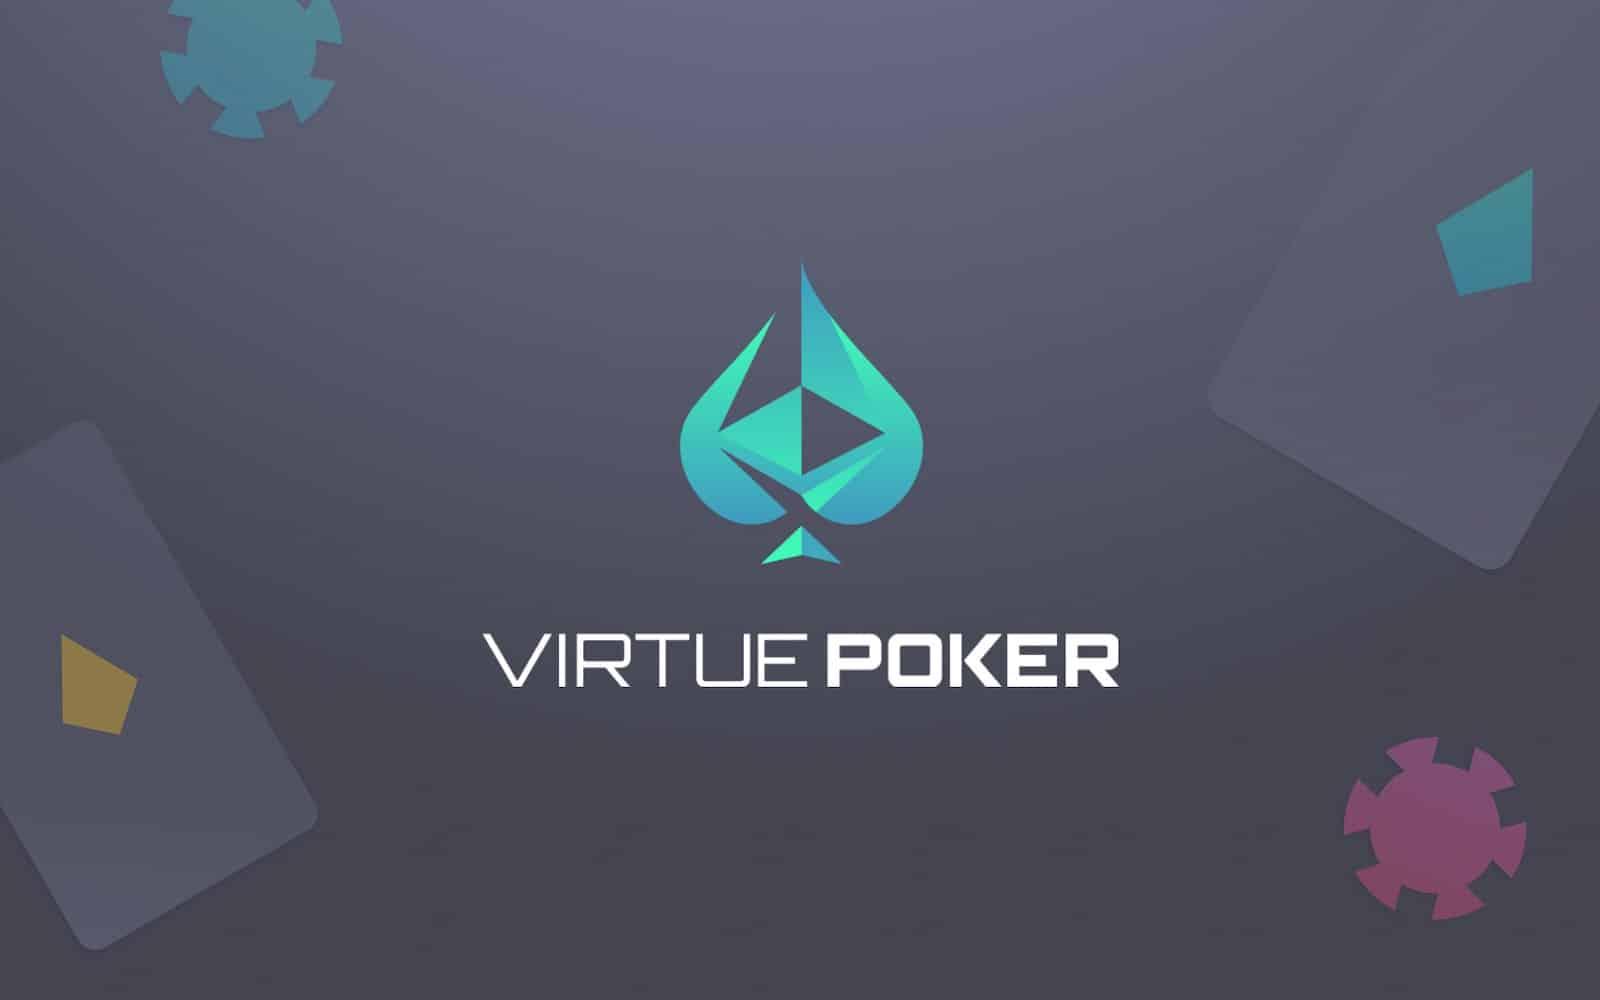 Блокчейн-рум Virtue Poker гарантирует полную безопасность своим клиентам